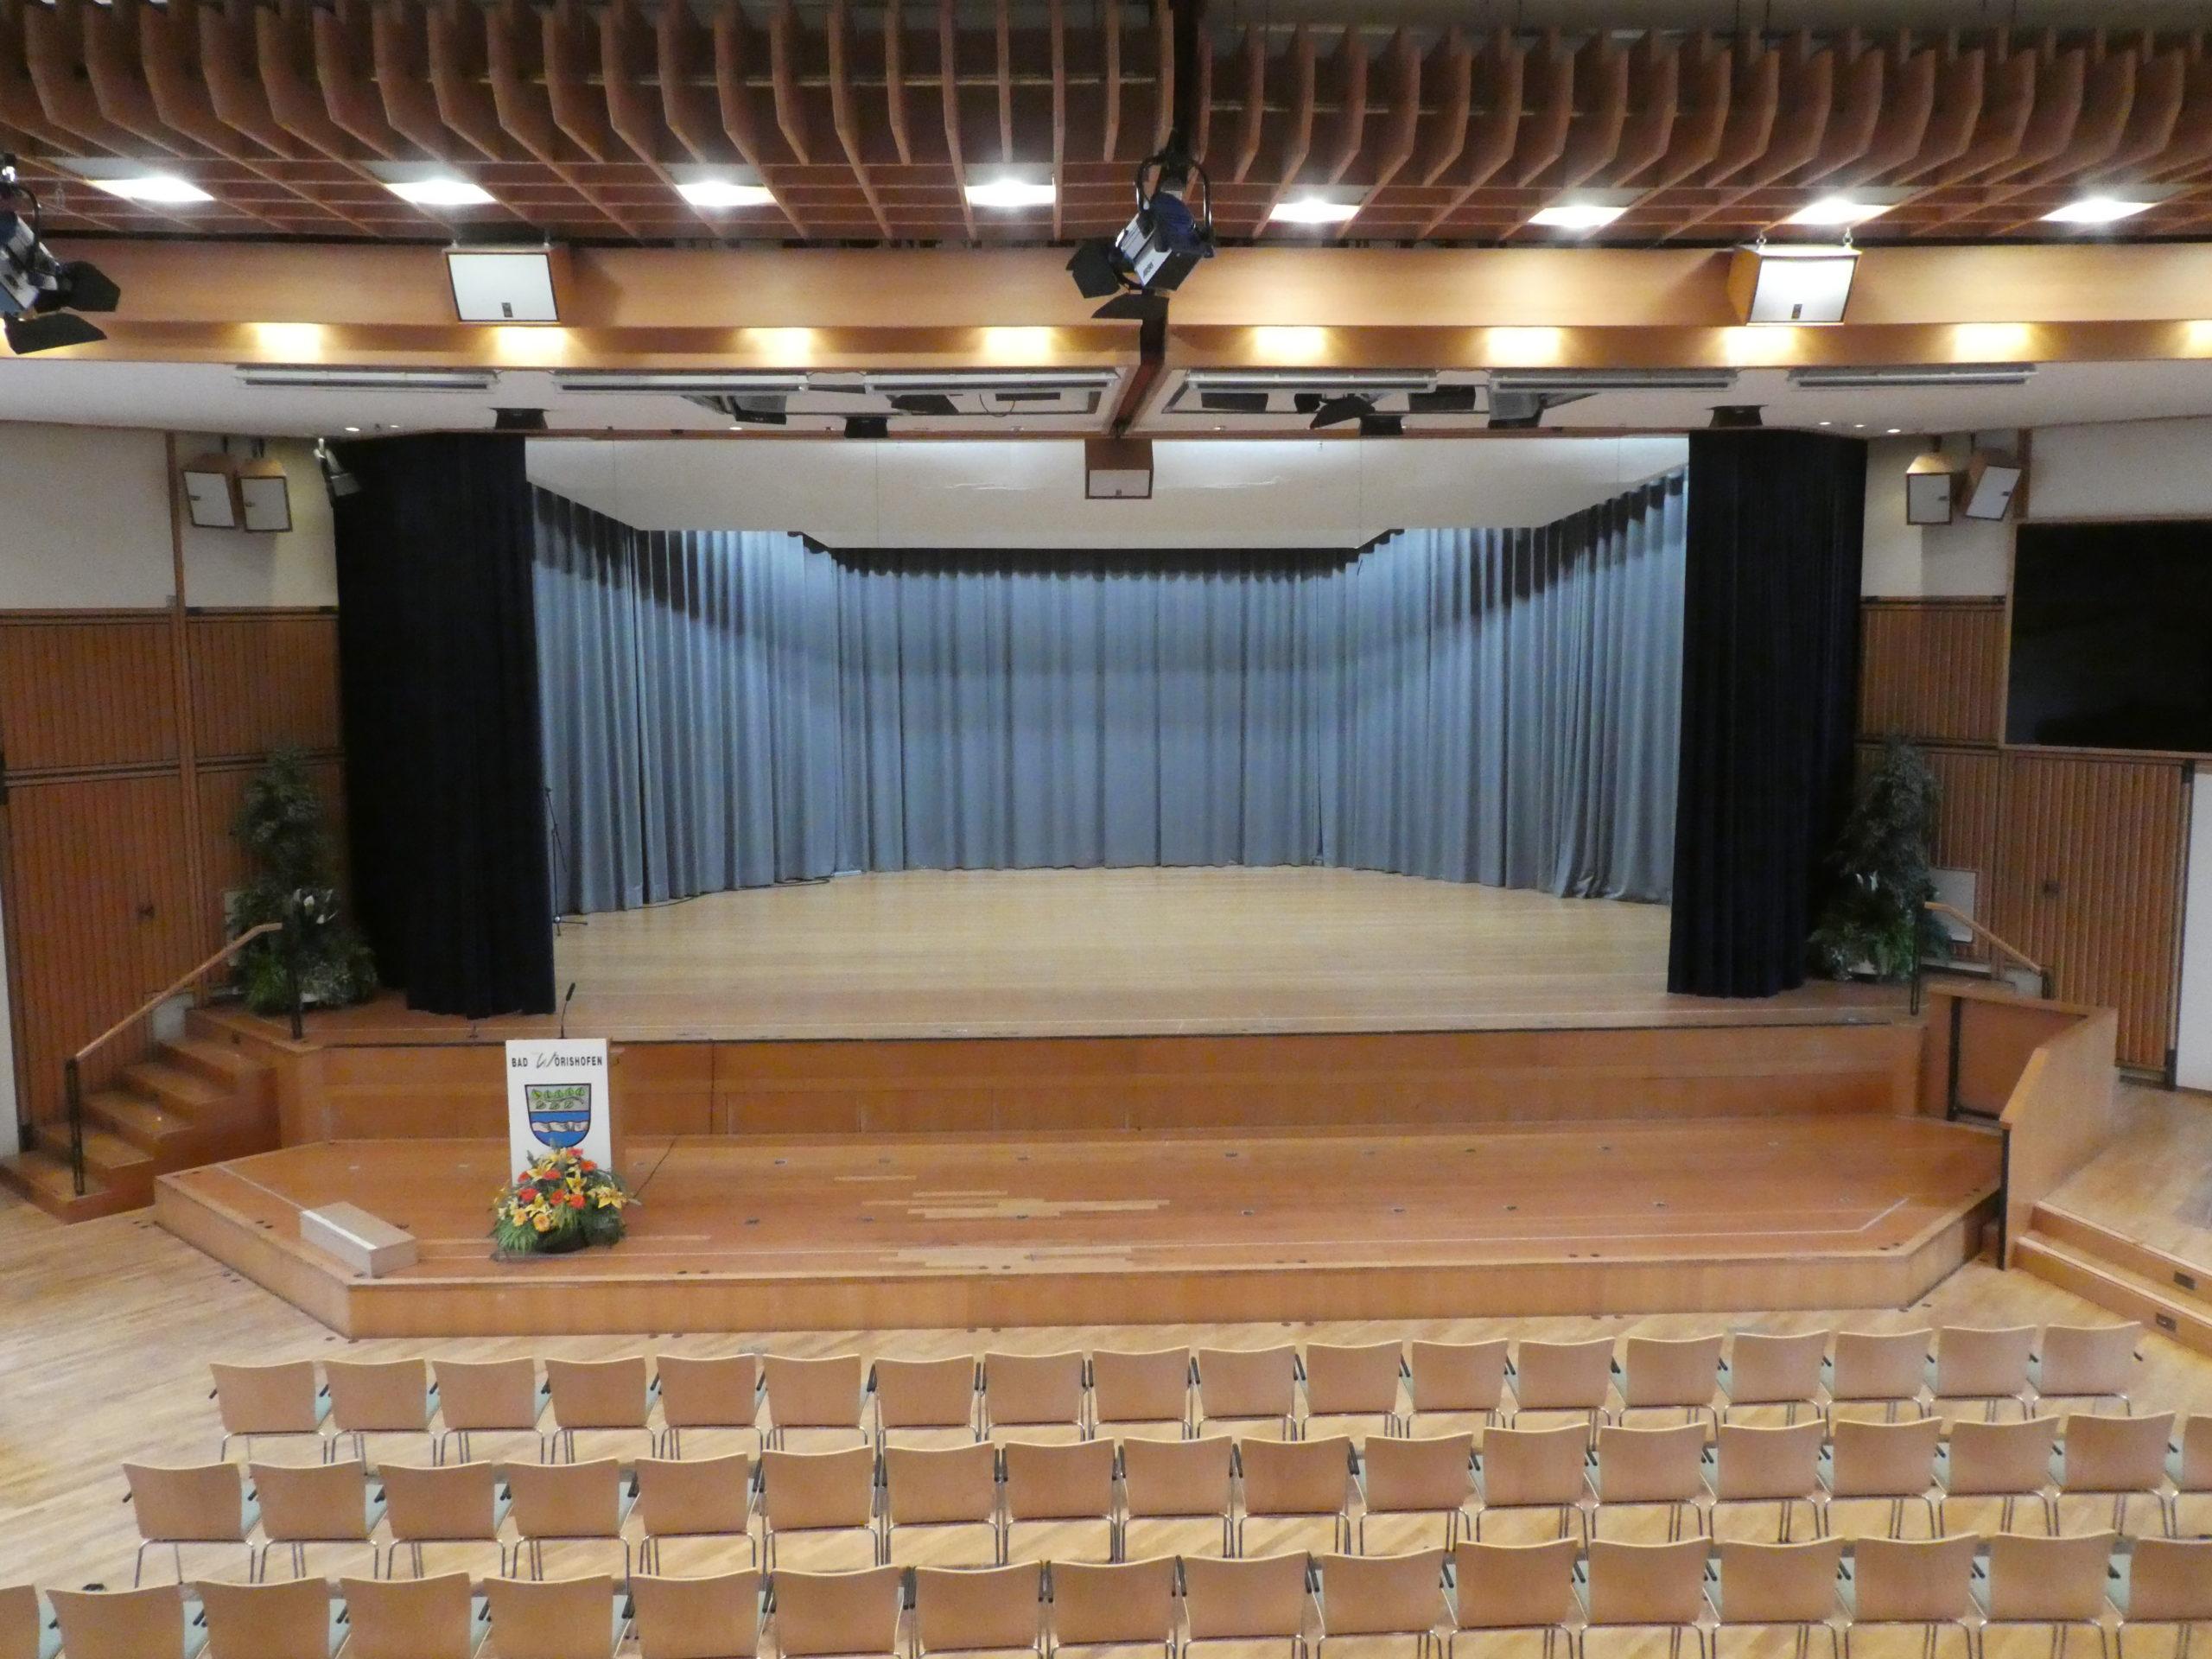 Bad Wörishofen: Elektro-Vorhangzuganlage mit Bühnenvorhang für den Kursaal